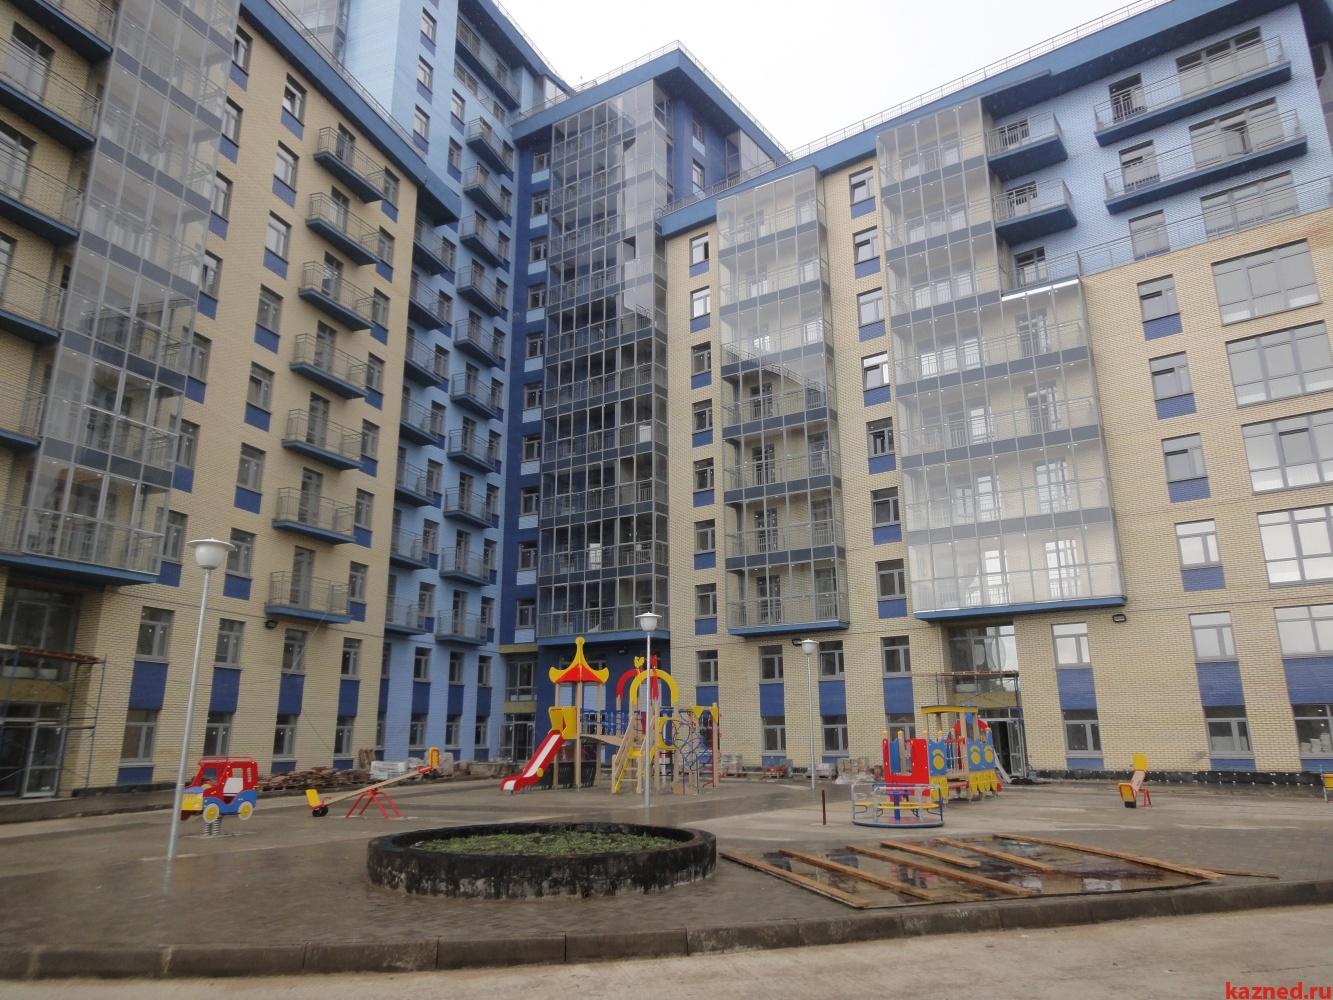 Продажа 2-к квартиры Дубравная д. 28А, 65 м2  (миниатюра №5)